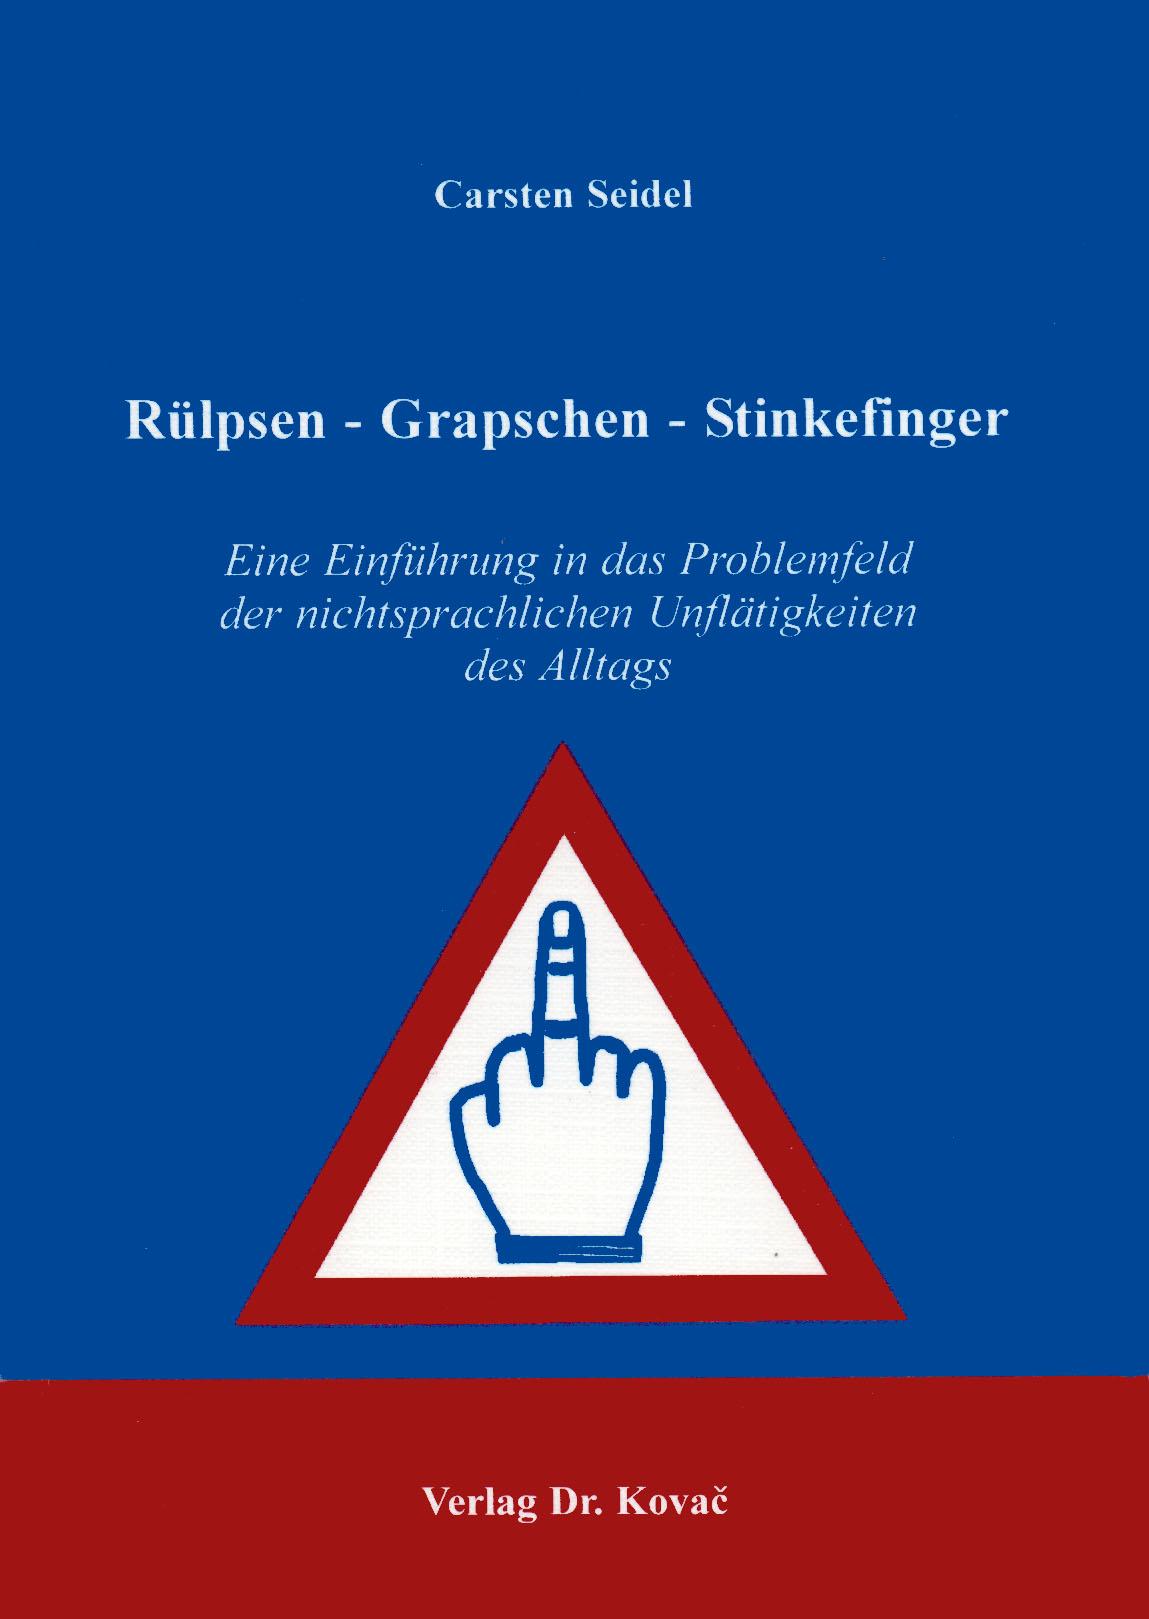 Cover: Rülpsen - Grapschen - Stinkefinger: Eine Einführung in das Problemfeld der nichtsprachlichen Unflätigkeiten des Alltags